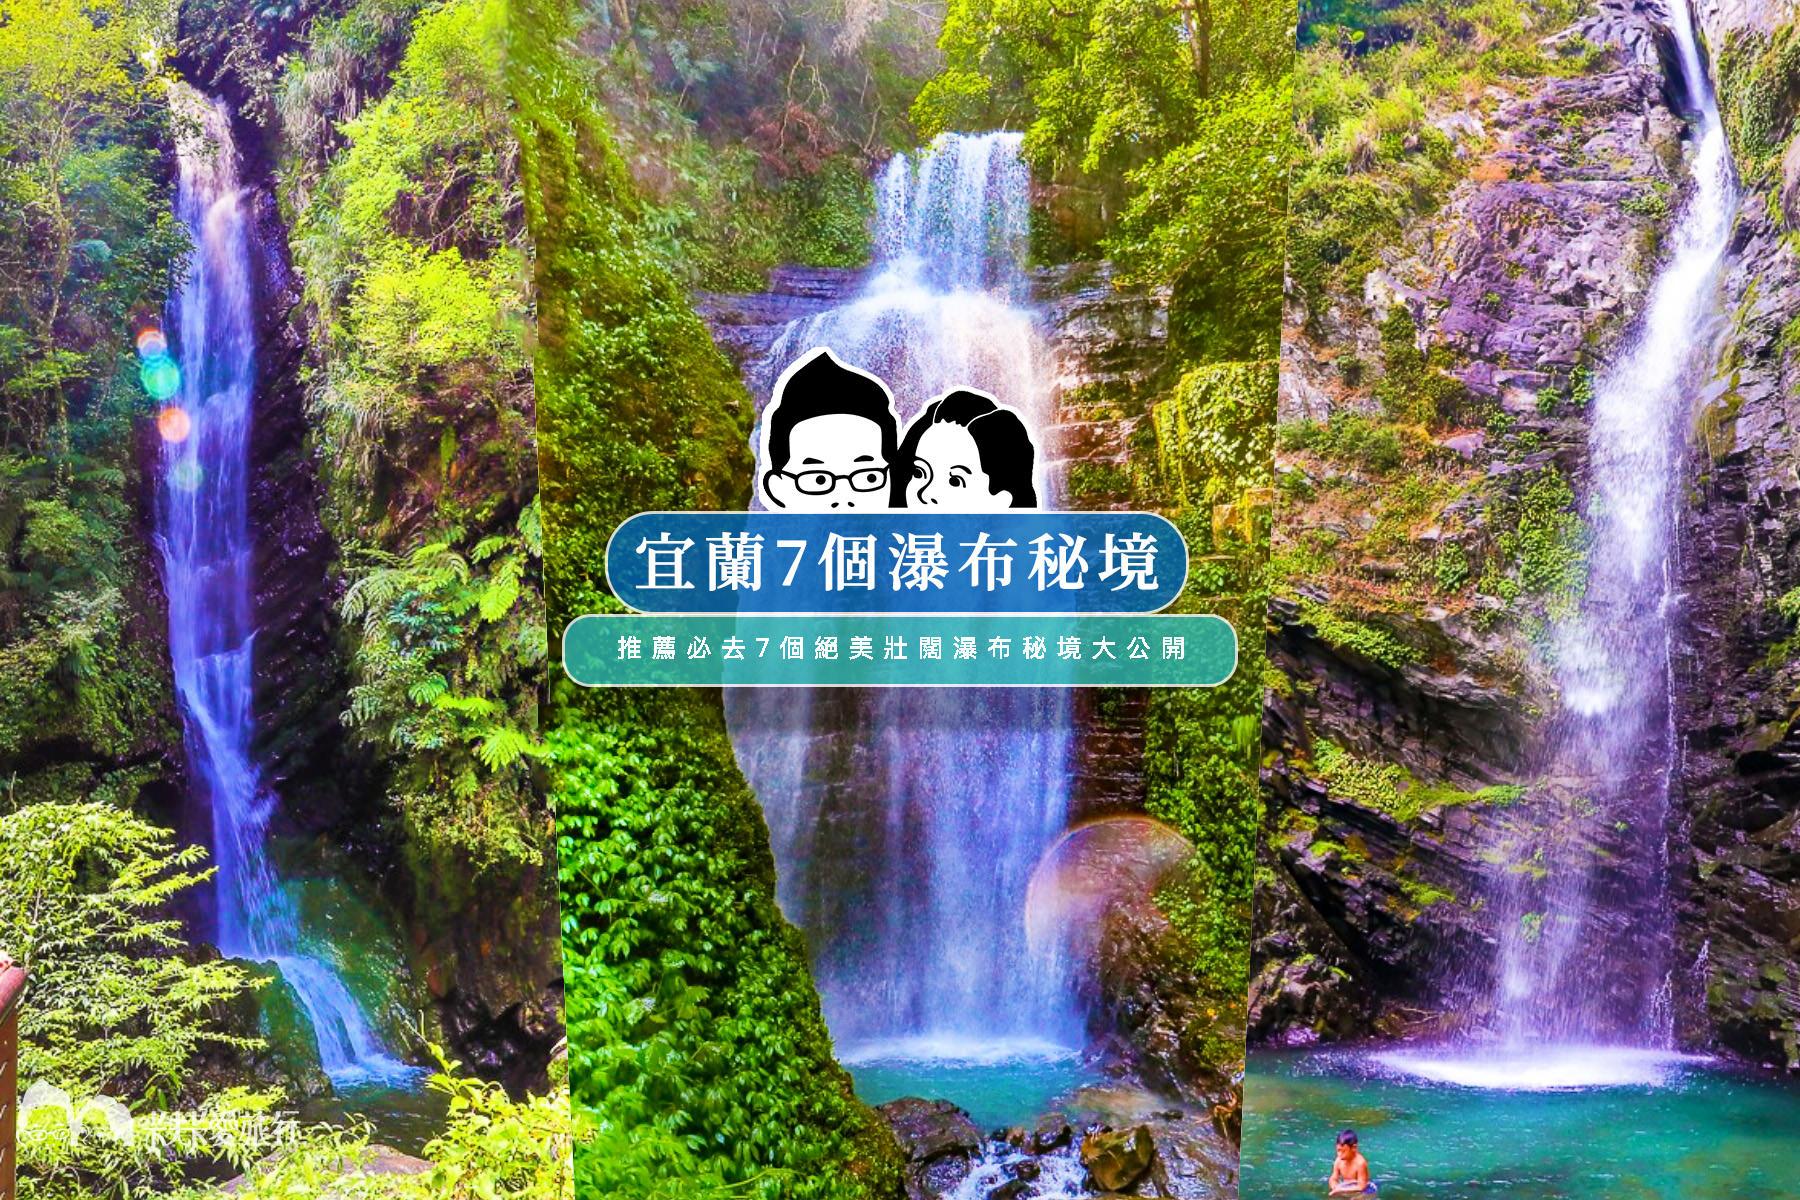 宜蘭瀑布秘境|推薦必去7個絕美瀑布景點|消暑秘境一日遊路線步道地圖開放狀況